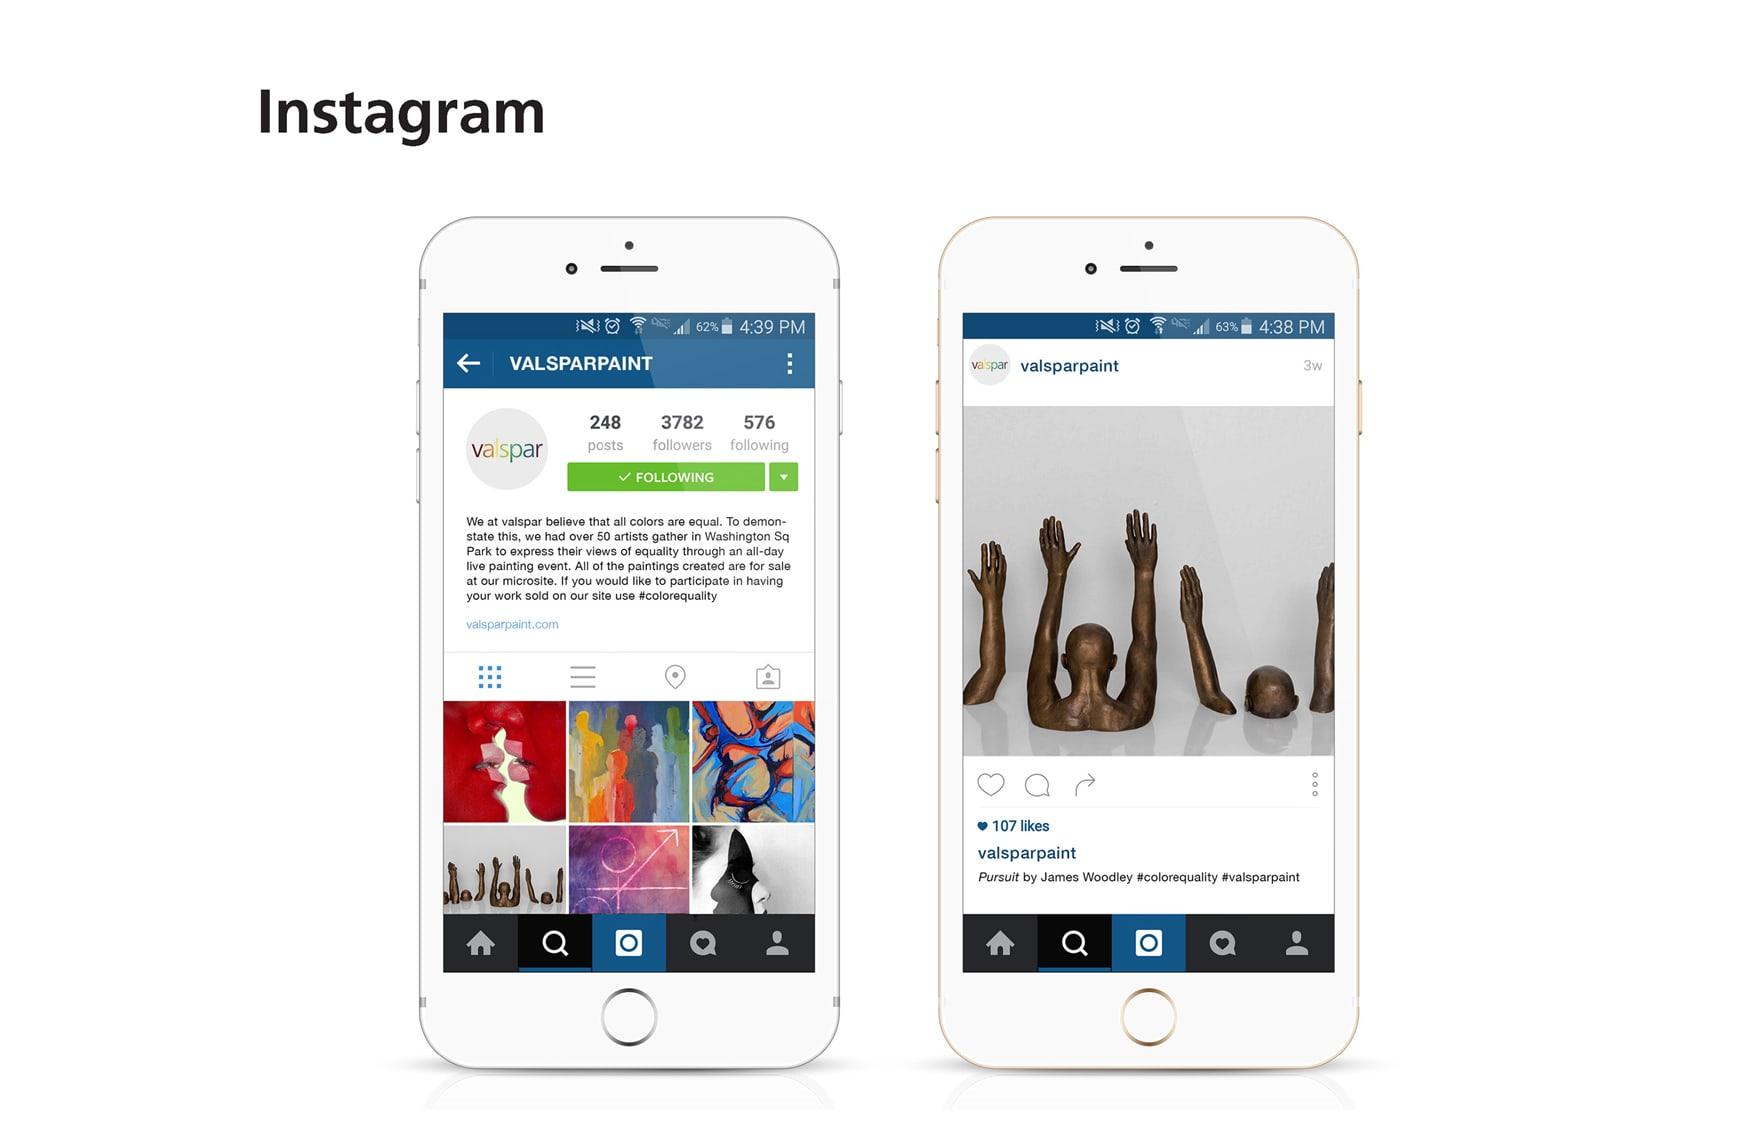 Valspar_Instagram-min.jpg